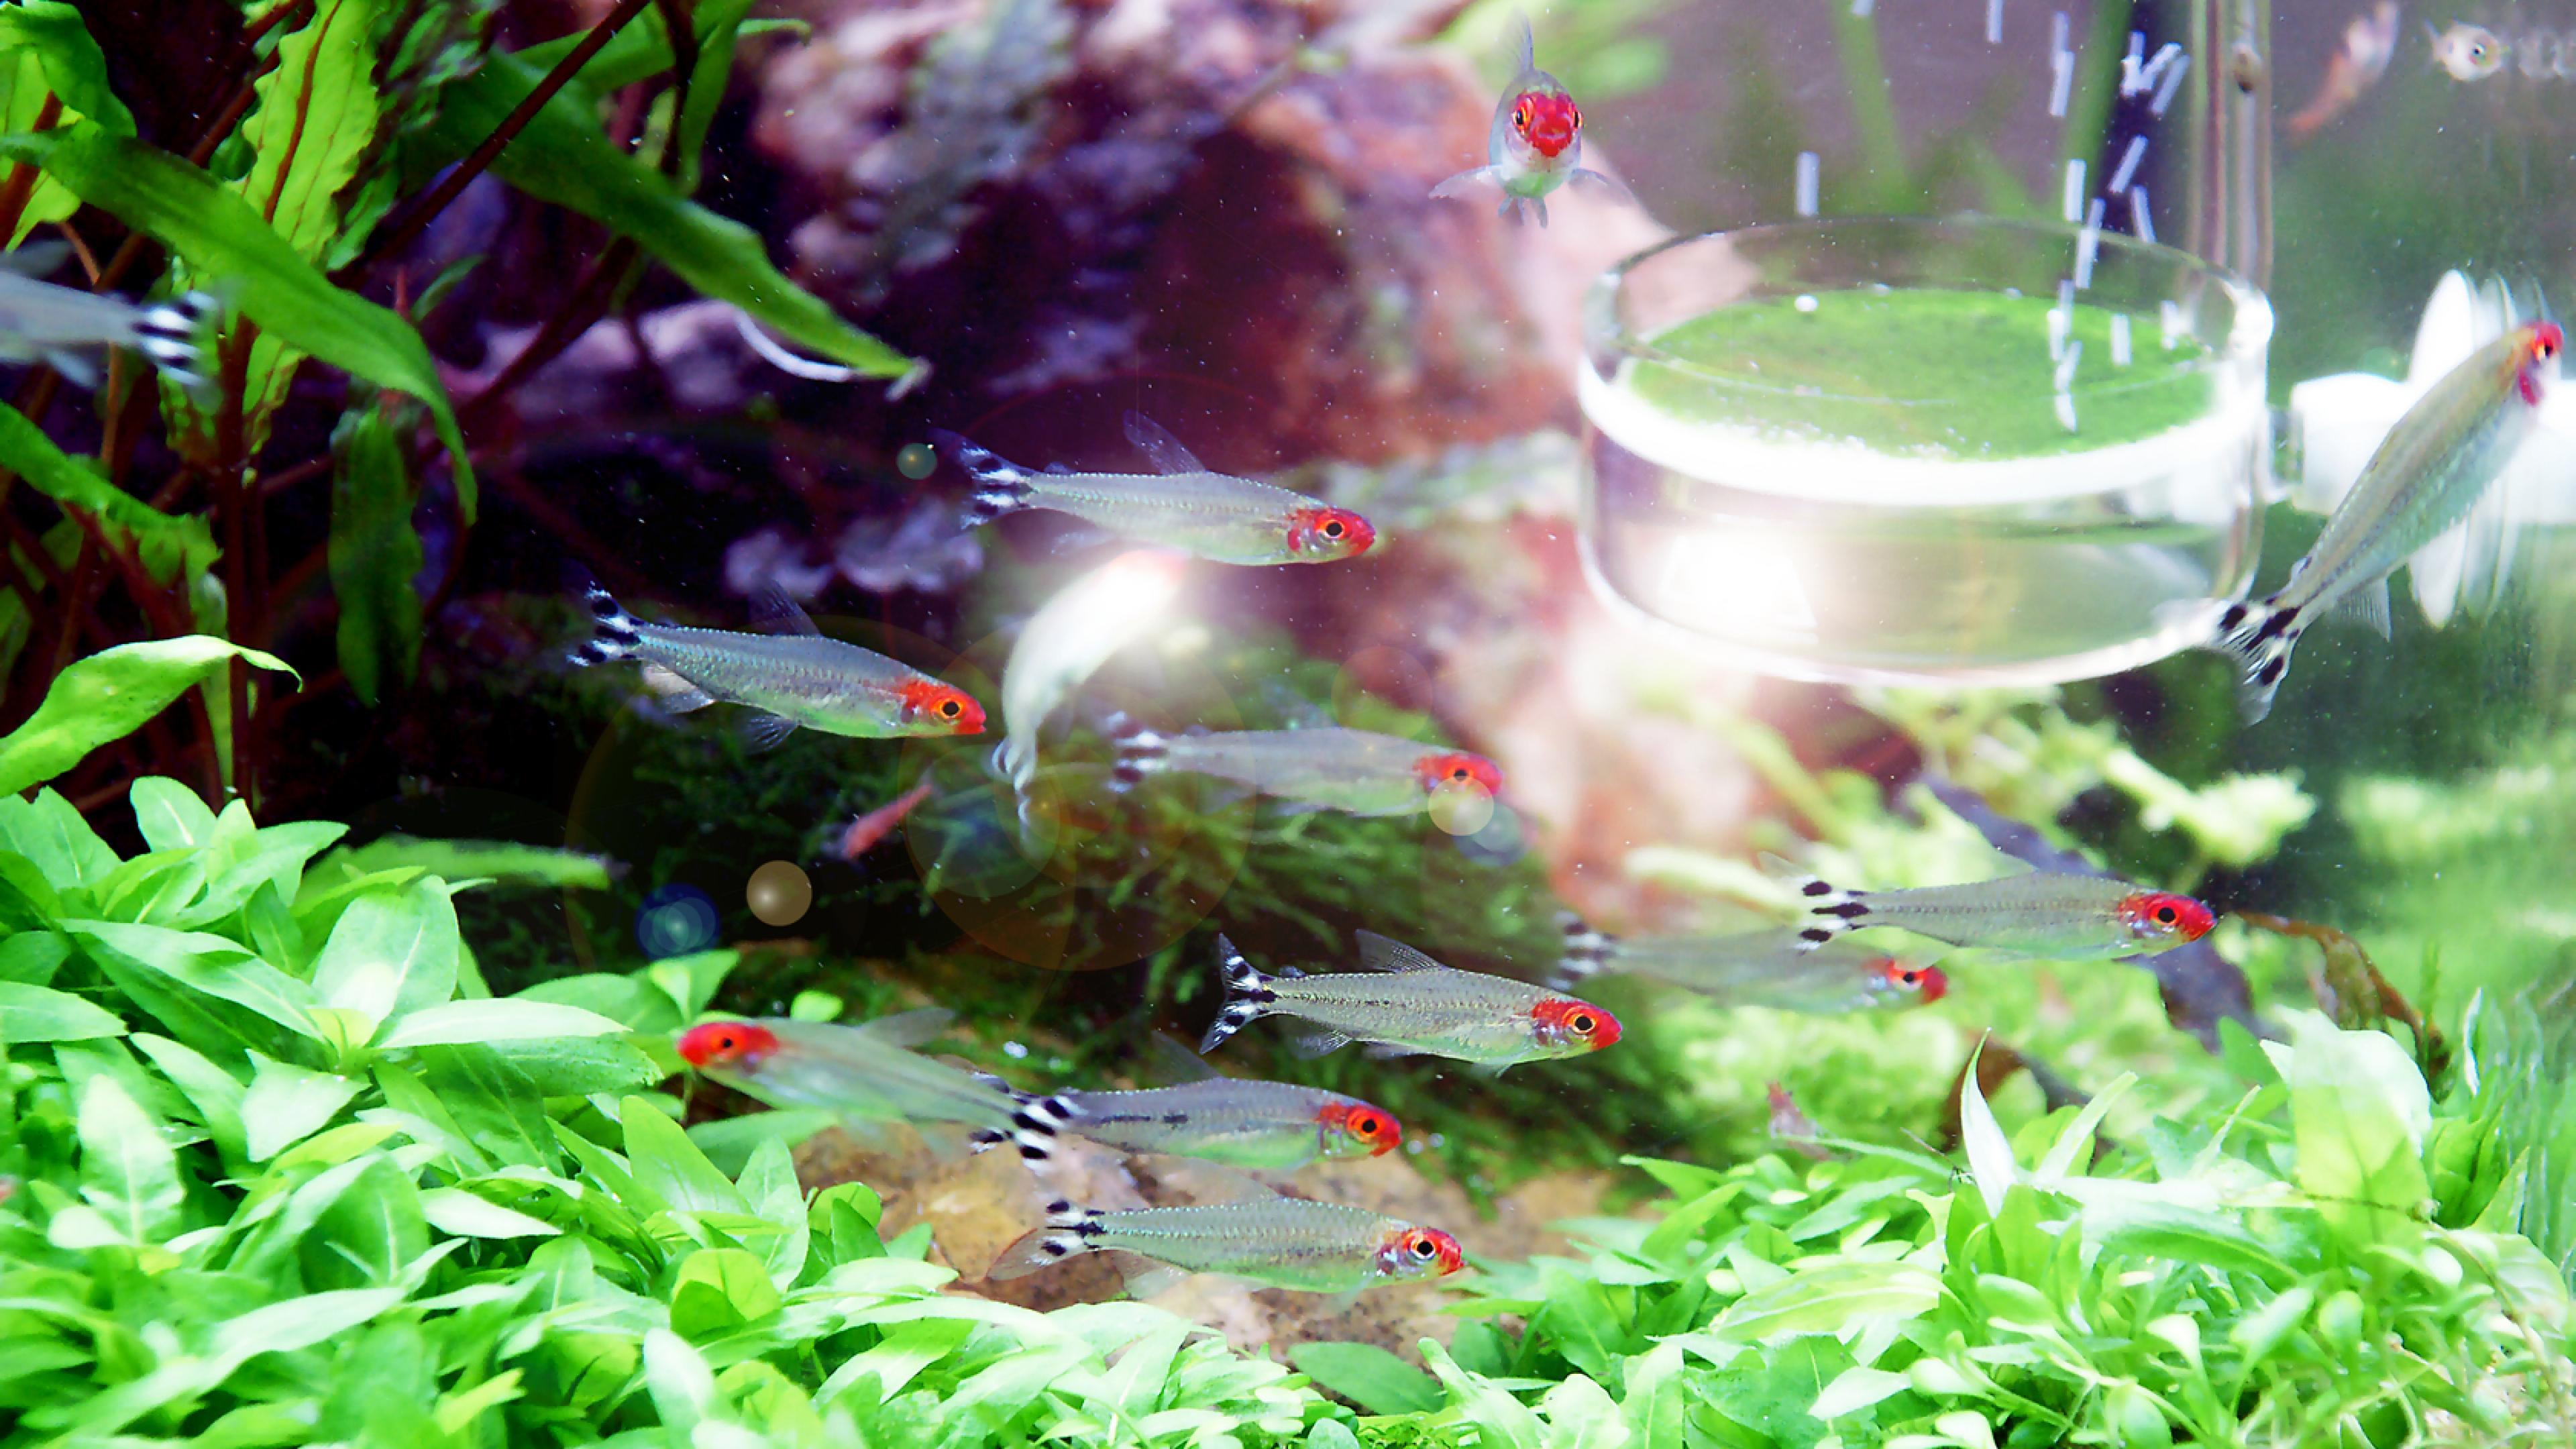 Fish Tank 3d Wallpaper Free Download Aquarium Wallpapers Pixelstalk Net